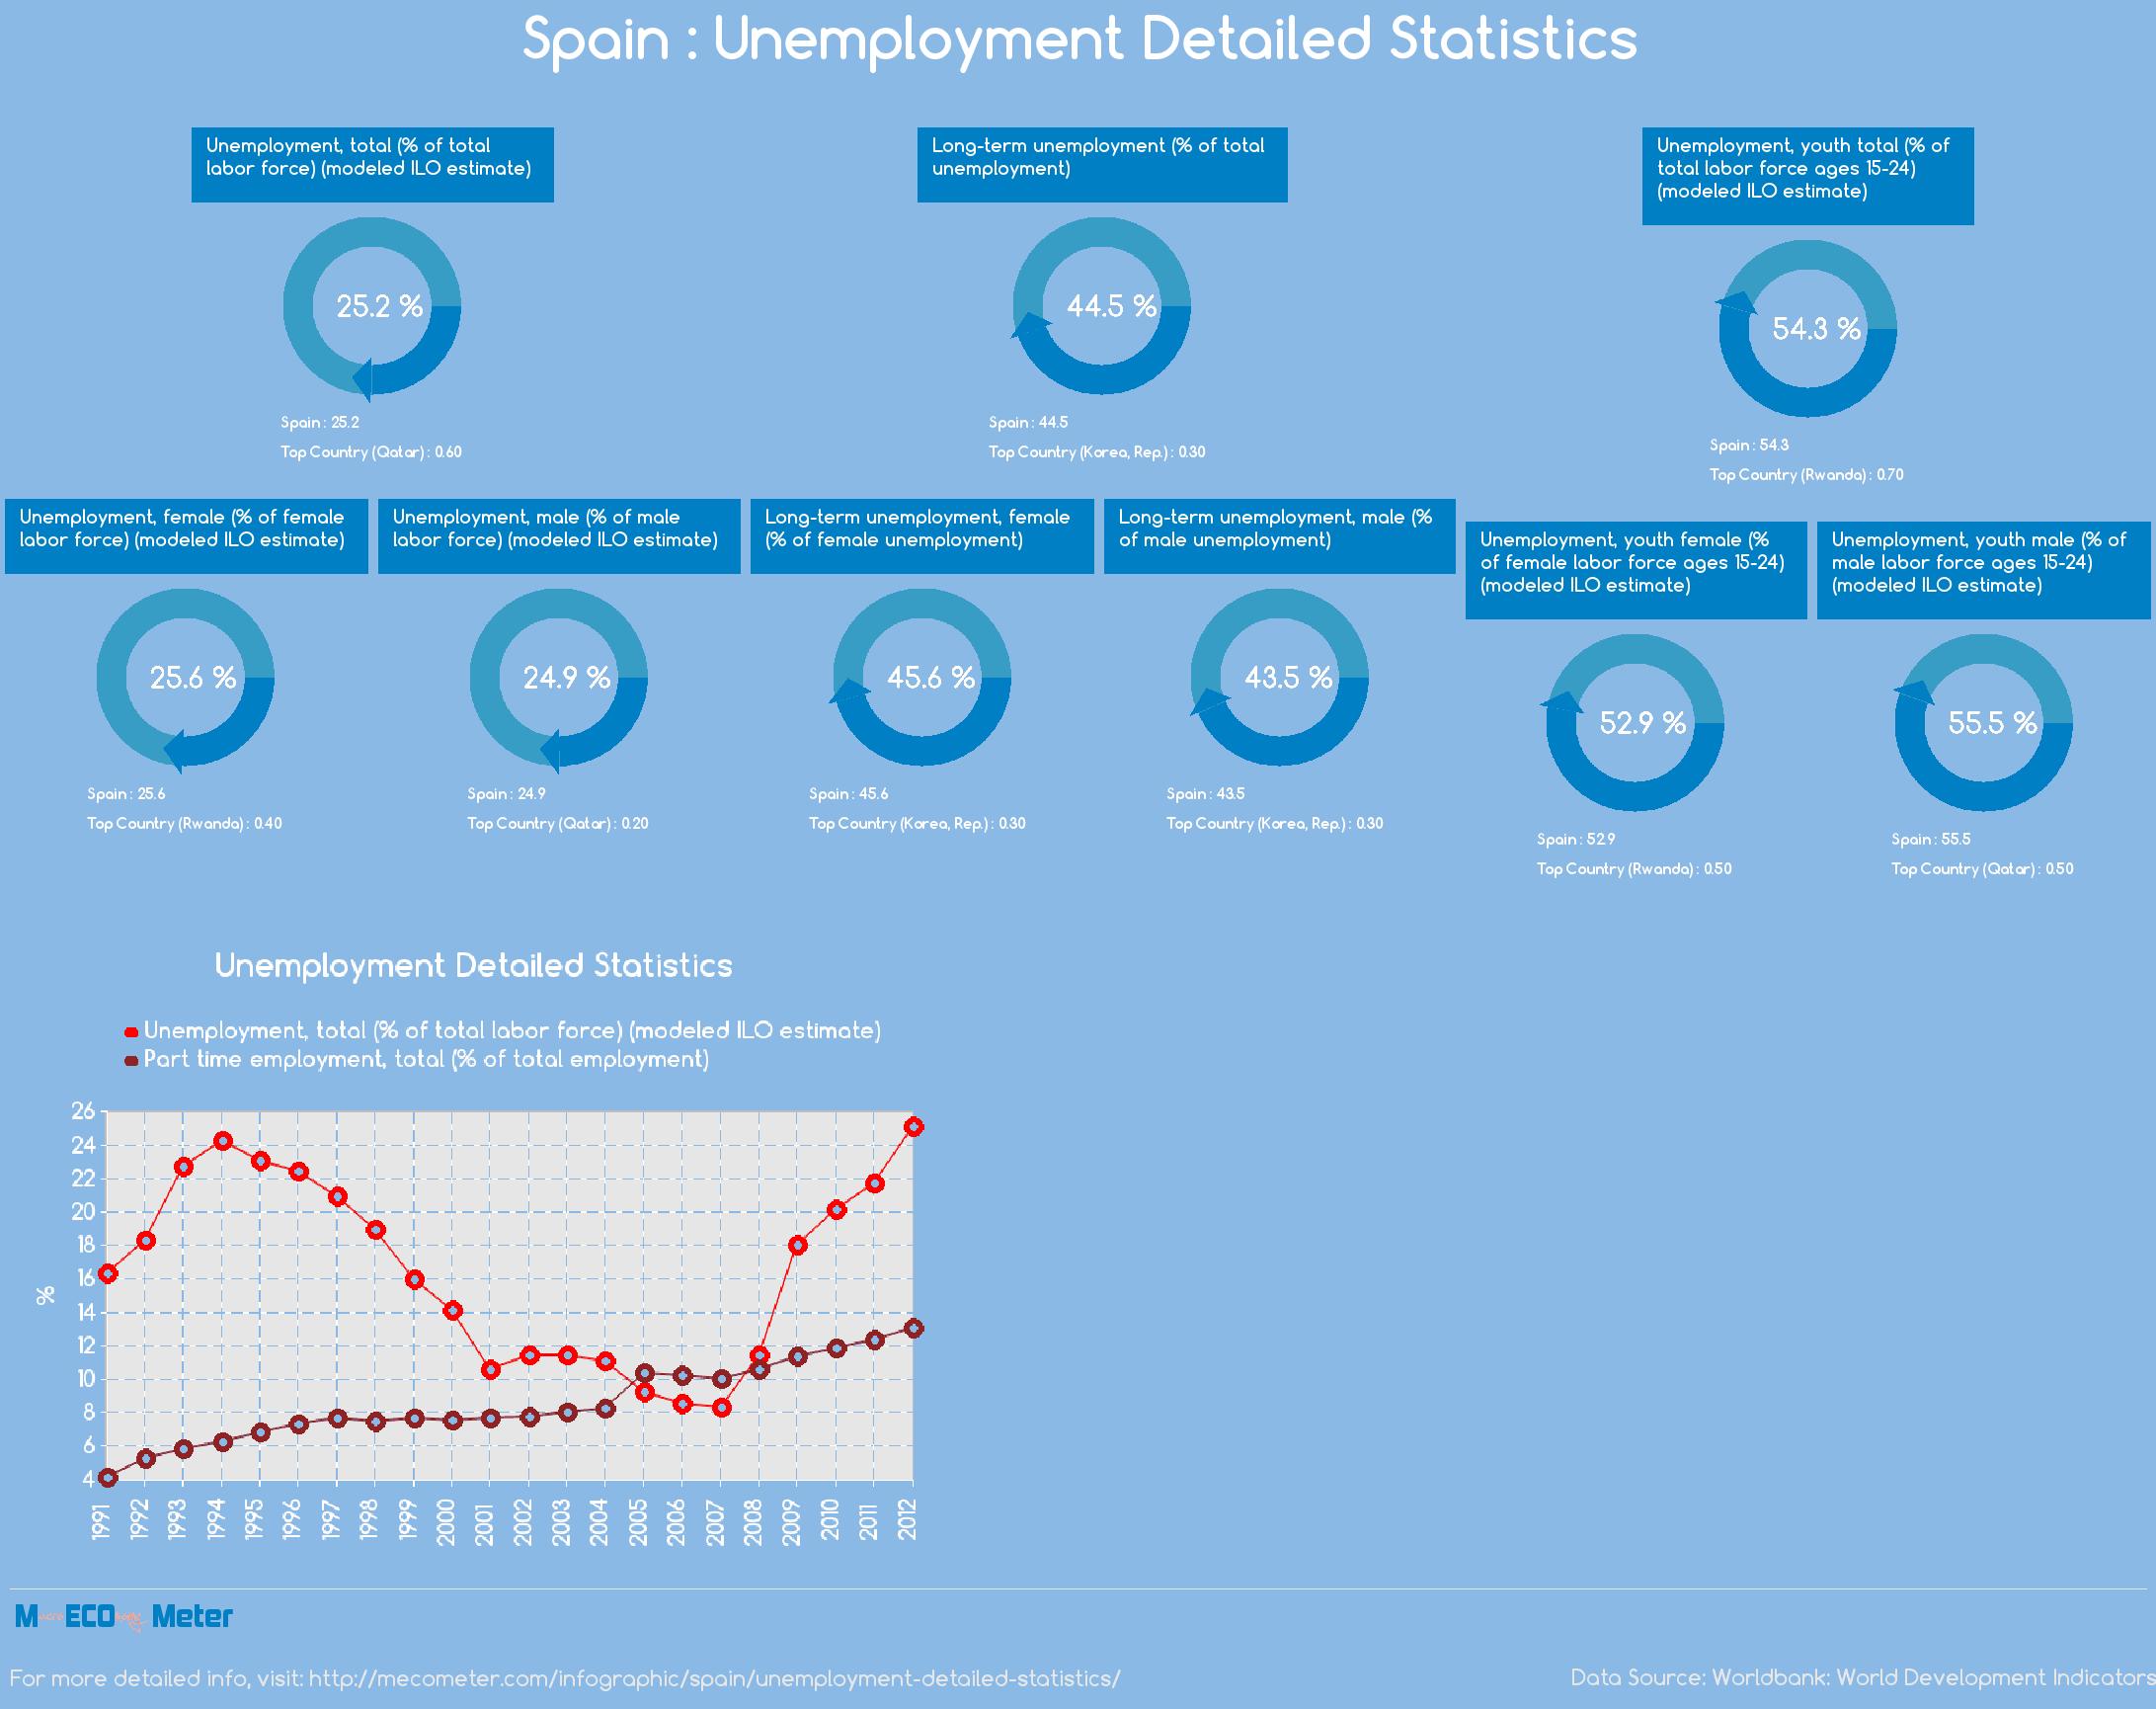 Spain : Unemployment Detailed Statistics